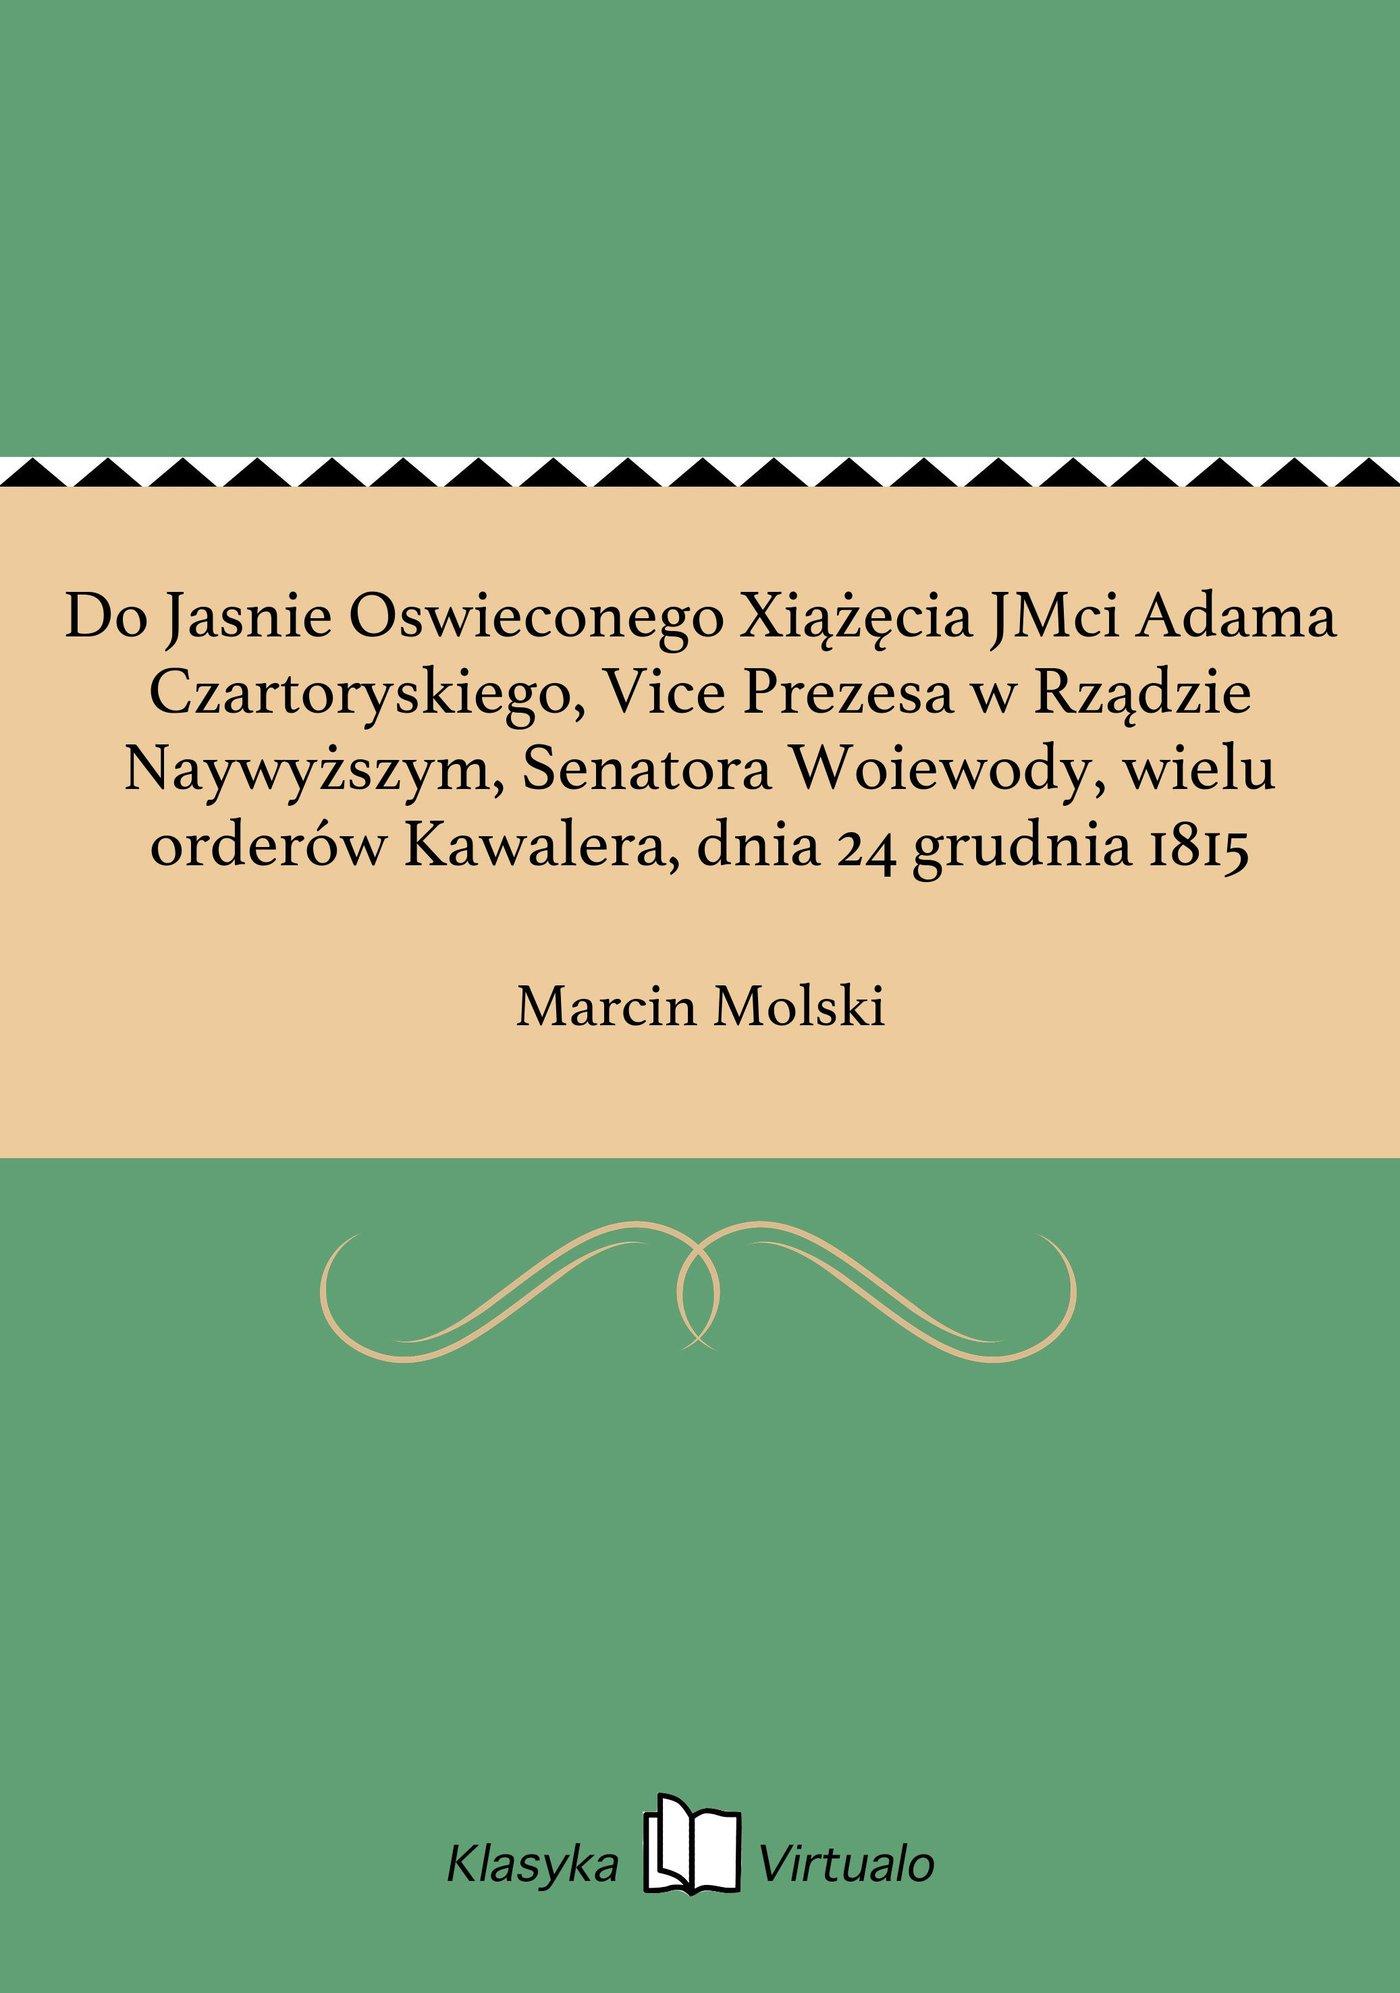 Do Jasnie Oswieconego Xiążęcia JMci Adama Czartoryskiego, Vice Prezesa w Rządzie Naywyższym, Senatora Woiewody, wielu orderów Kawalera, dnia 24 grudnia 1815 - Ebook (Książka EPUB) do pobrania w formacie EPUB